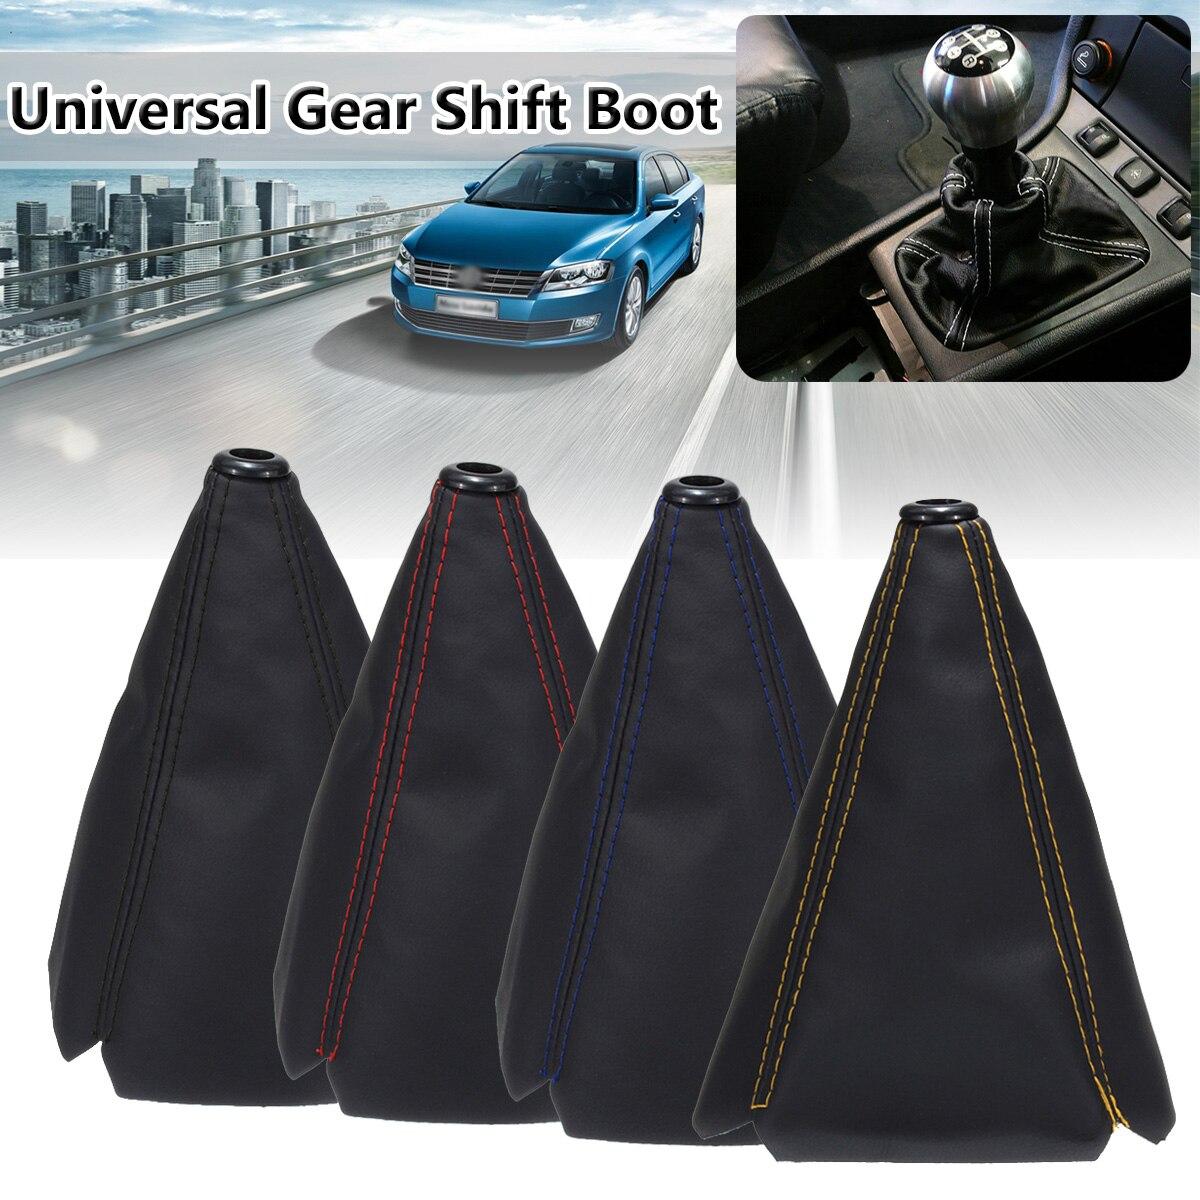 16mm universal couro do plutônio carro auto engrenagem shifter shift coleiras de fibra carbono do carro manual de engrenagem bota capa gaiter